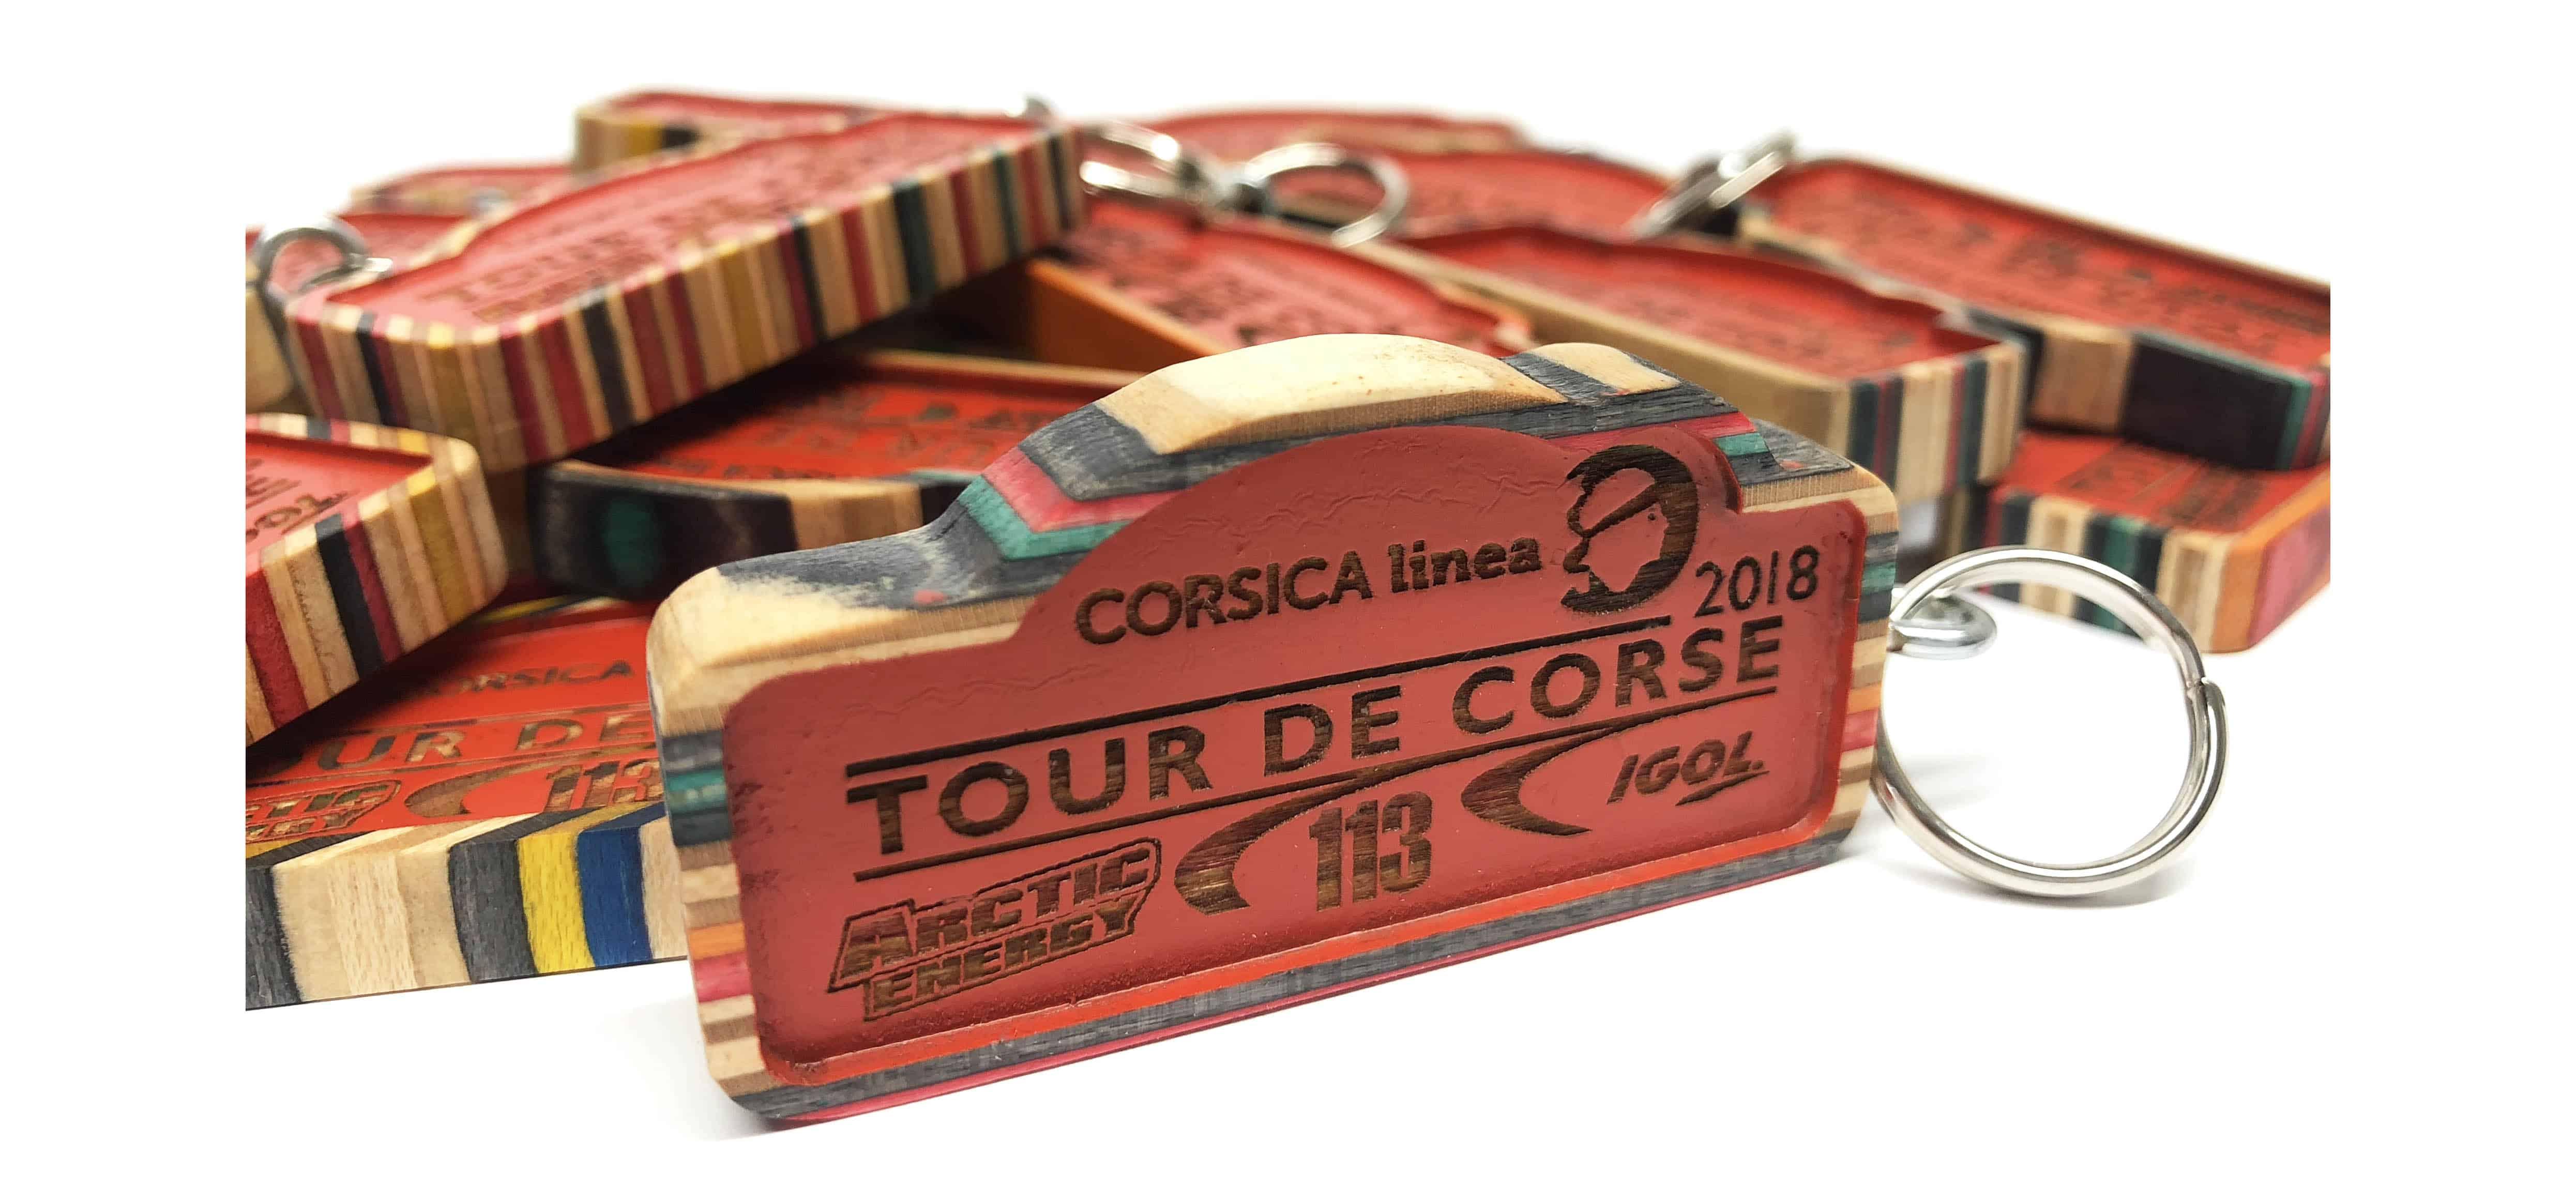 Tour de corse keychain